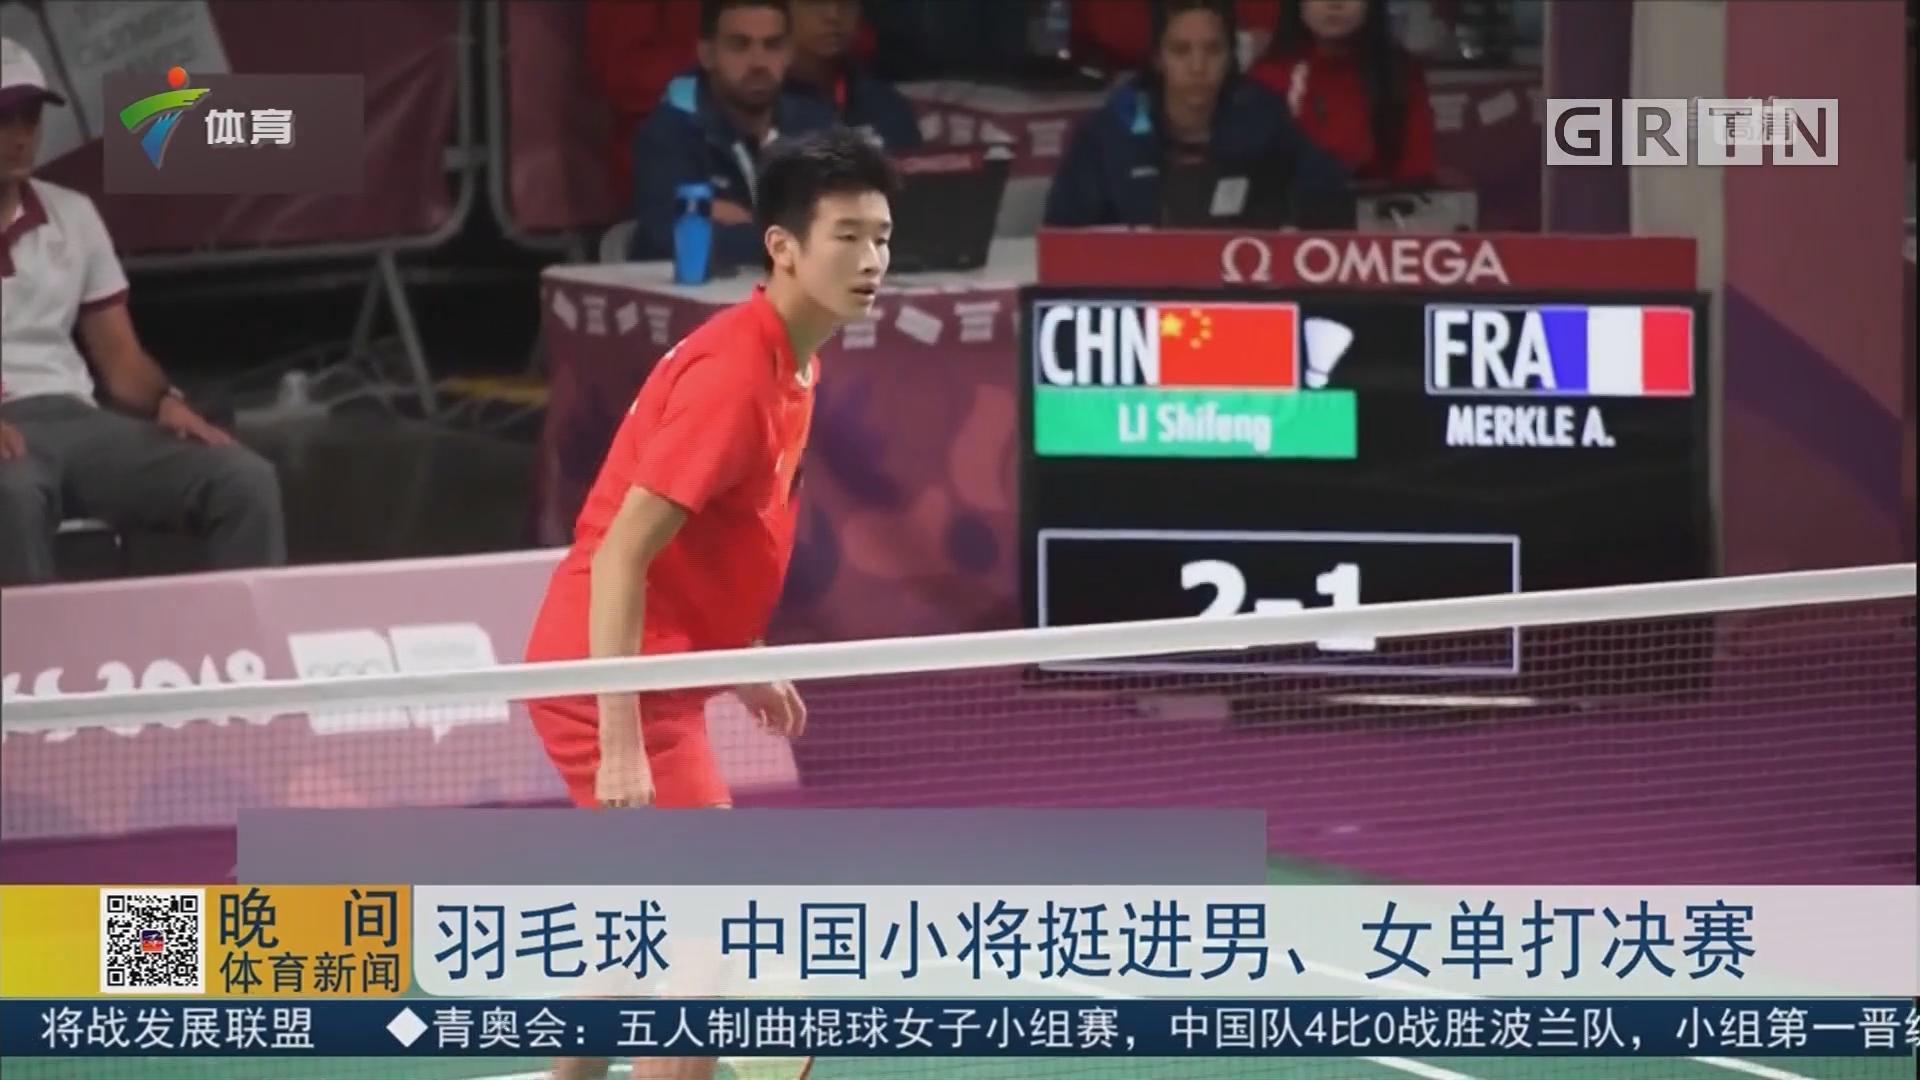 羽毛球 中国小将挺进男、女单打决赛